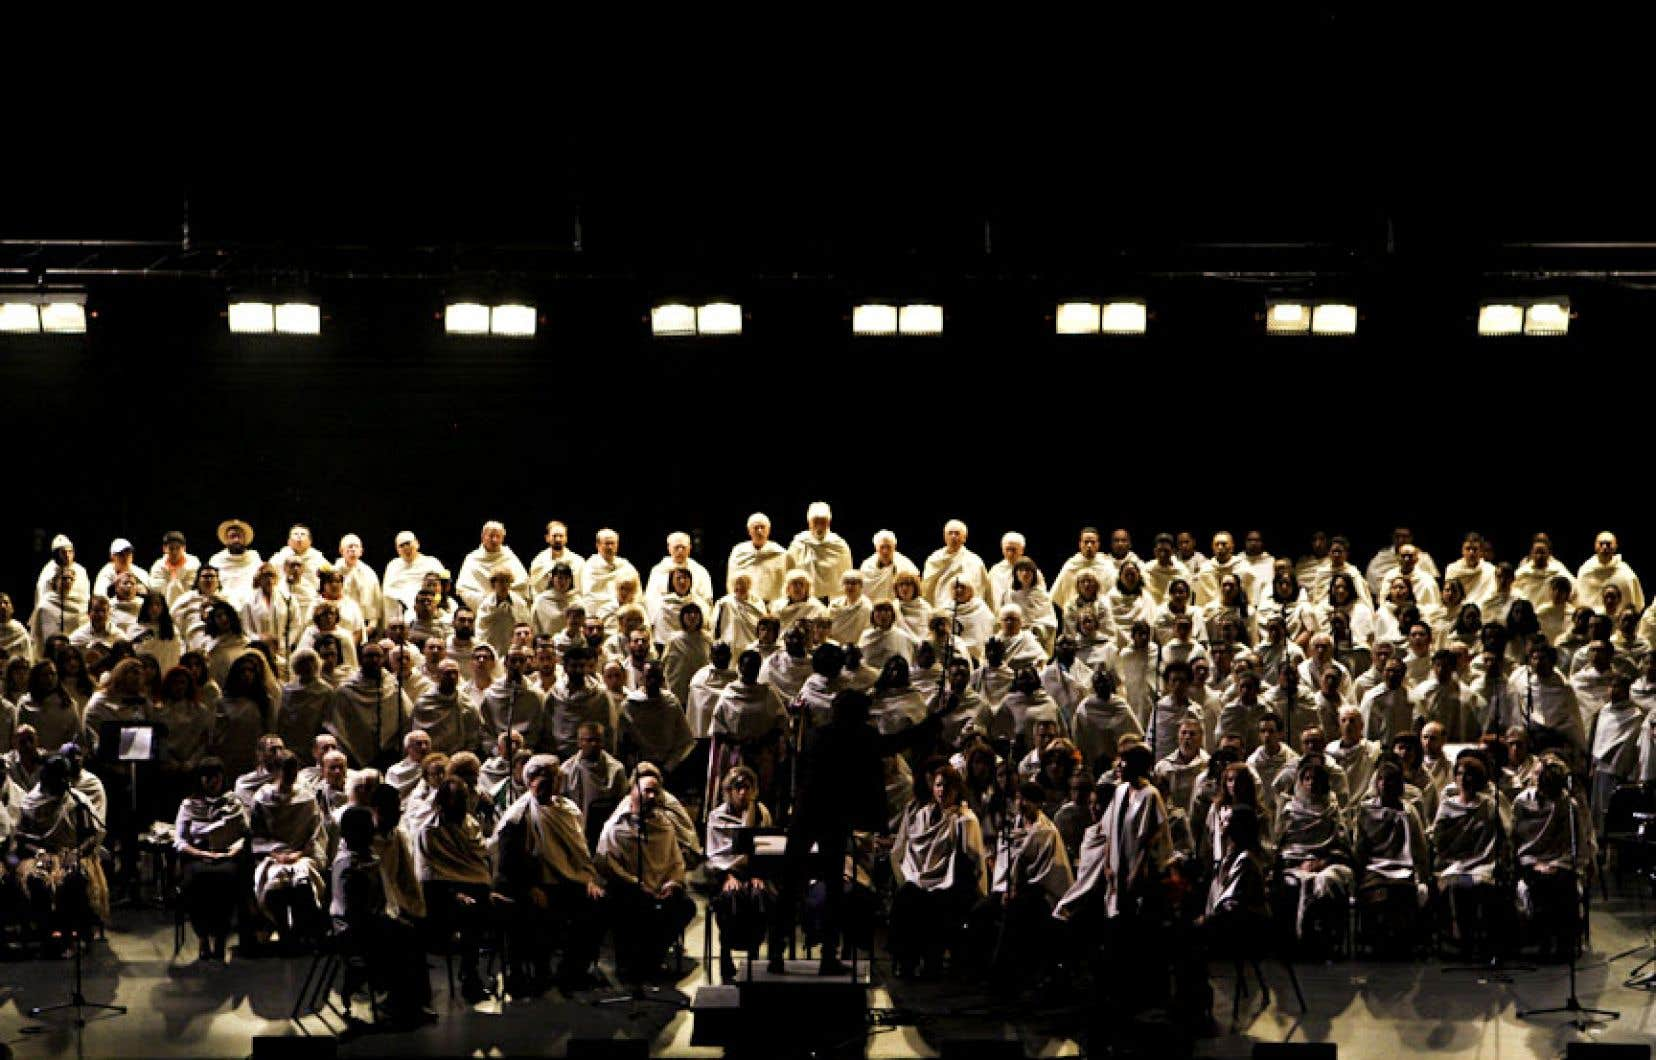 La création d'André Pappathomas «Souffles. Dix chœurs pour un chant à créer» a réuni sur une même scène autant de communautés culturelles établies à Montréal.